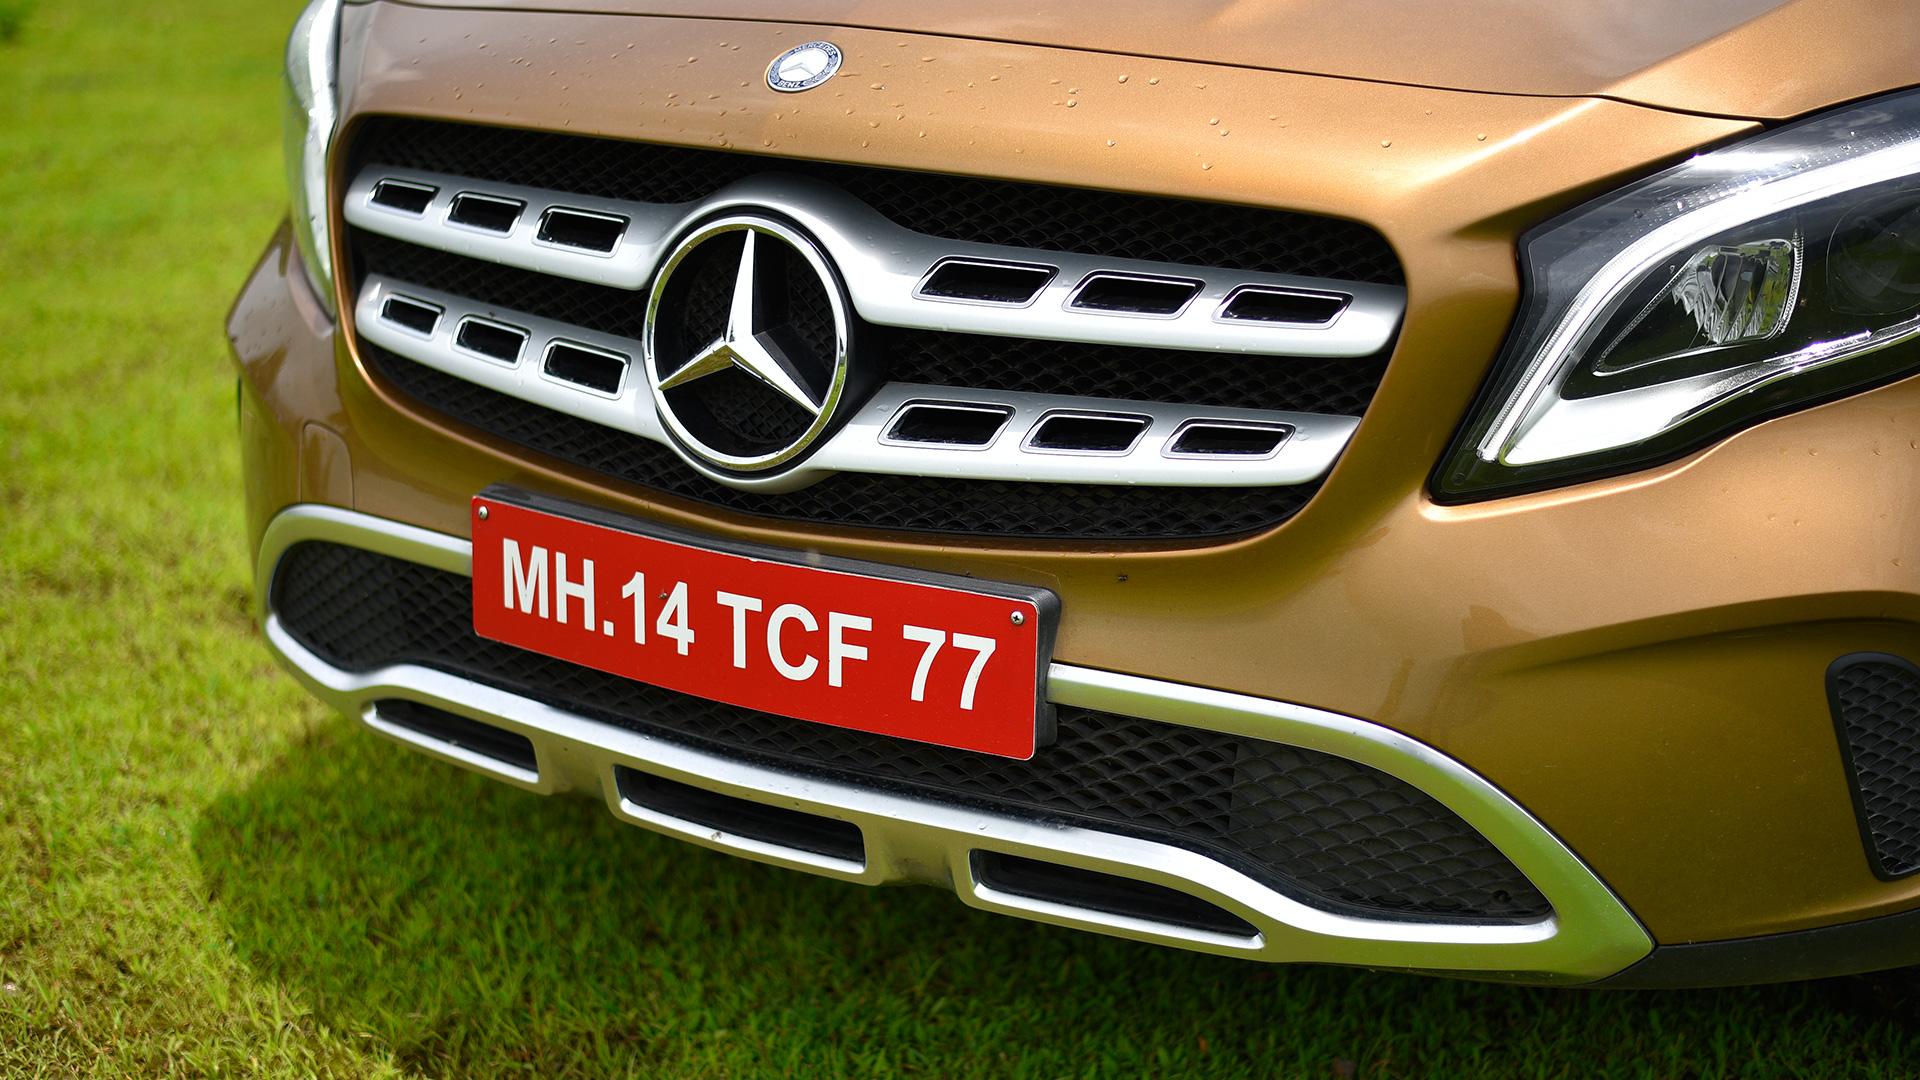 Mercedes Benz GLA 2017 220d 4Matic Exterior